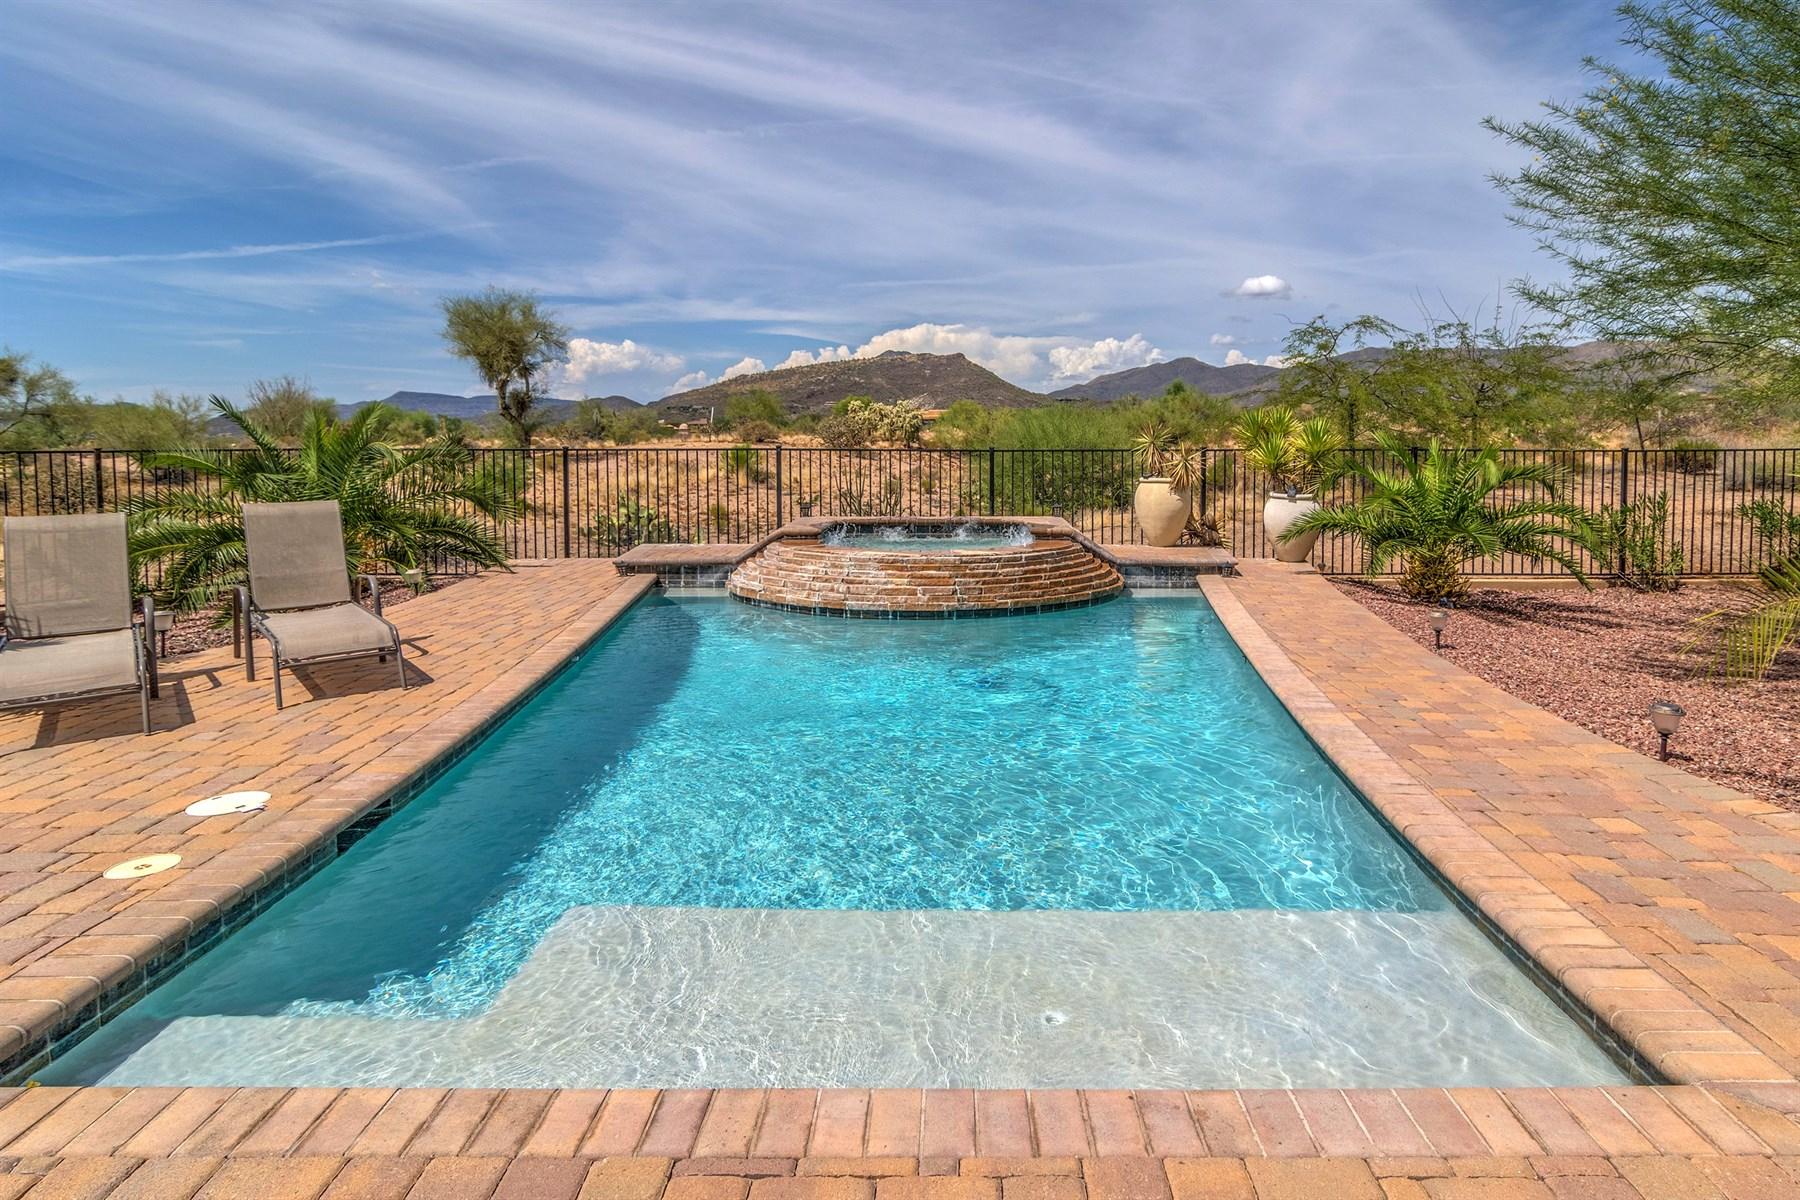 Maison unifamiliale pour l Vente à Beautiful 4,000 SF Home in Mirabel Villge - North Scottsdale 9810 E Winter Sun Drive Scottsdale, Arizona, 85262 États-Unis